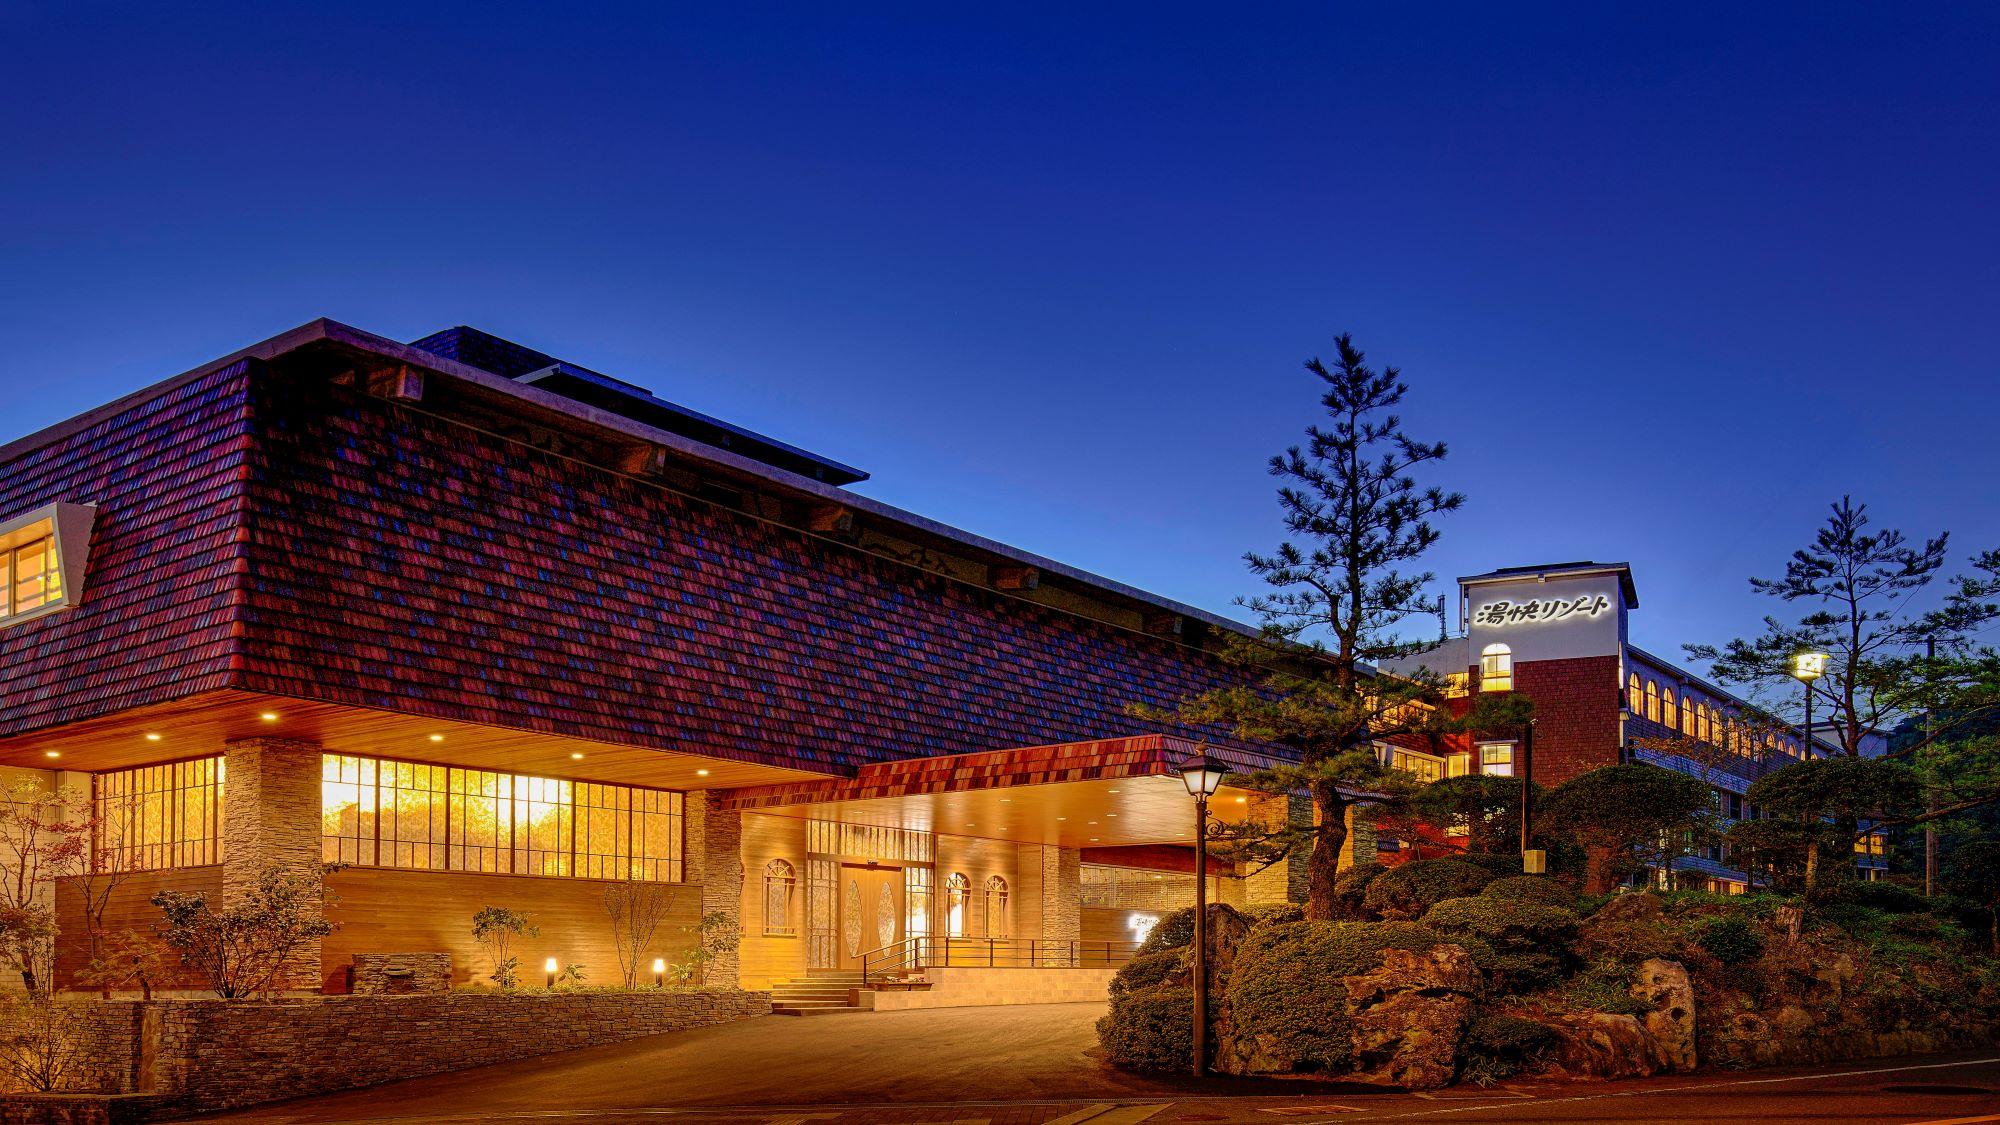 4月に一人で雲仙温泉に連泊!のんびりできる宿